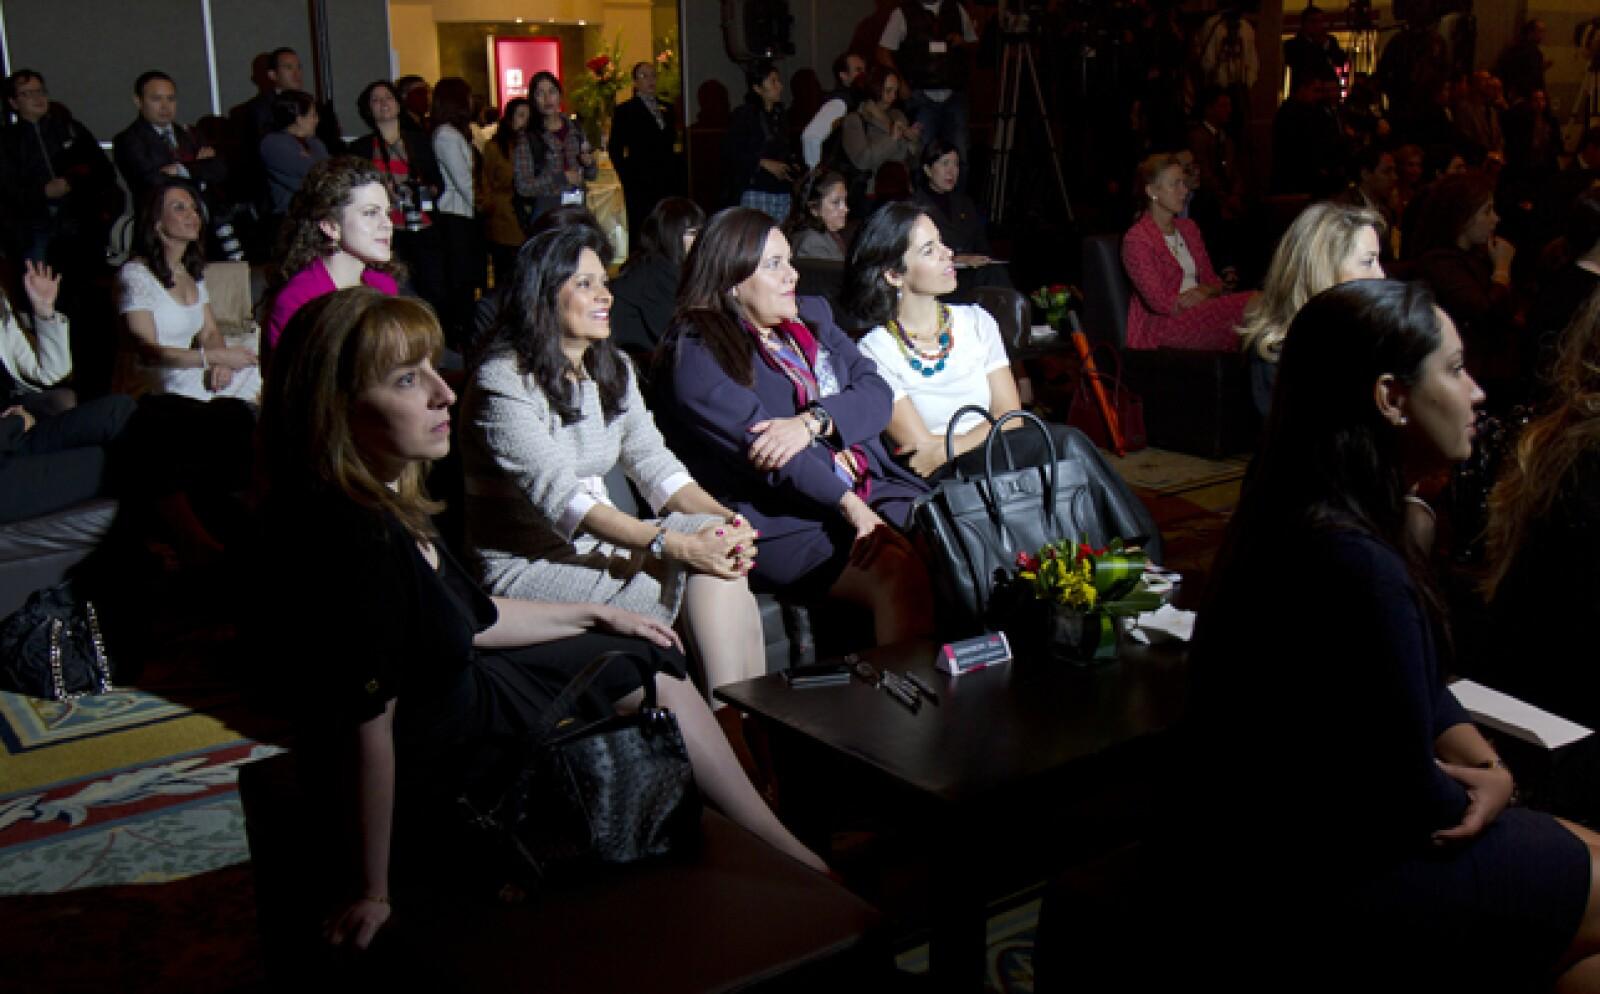 Las asistentes atentas al panel moderado por María del Carmen Bernal del IPADE donde se discutieron cuatro temas: Balance de vida y trabajo, Reclutamento, Inclusión y diversidad de género y La brecha en las compensaciones.